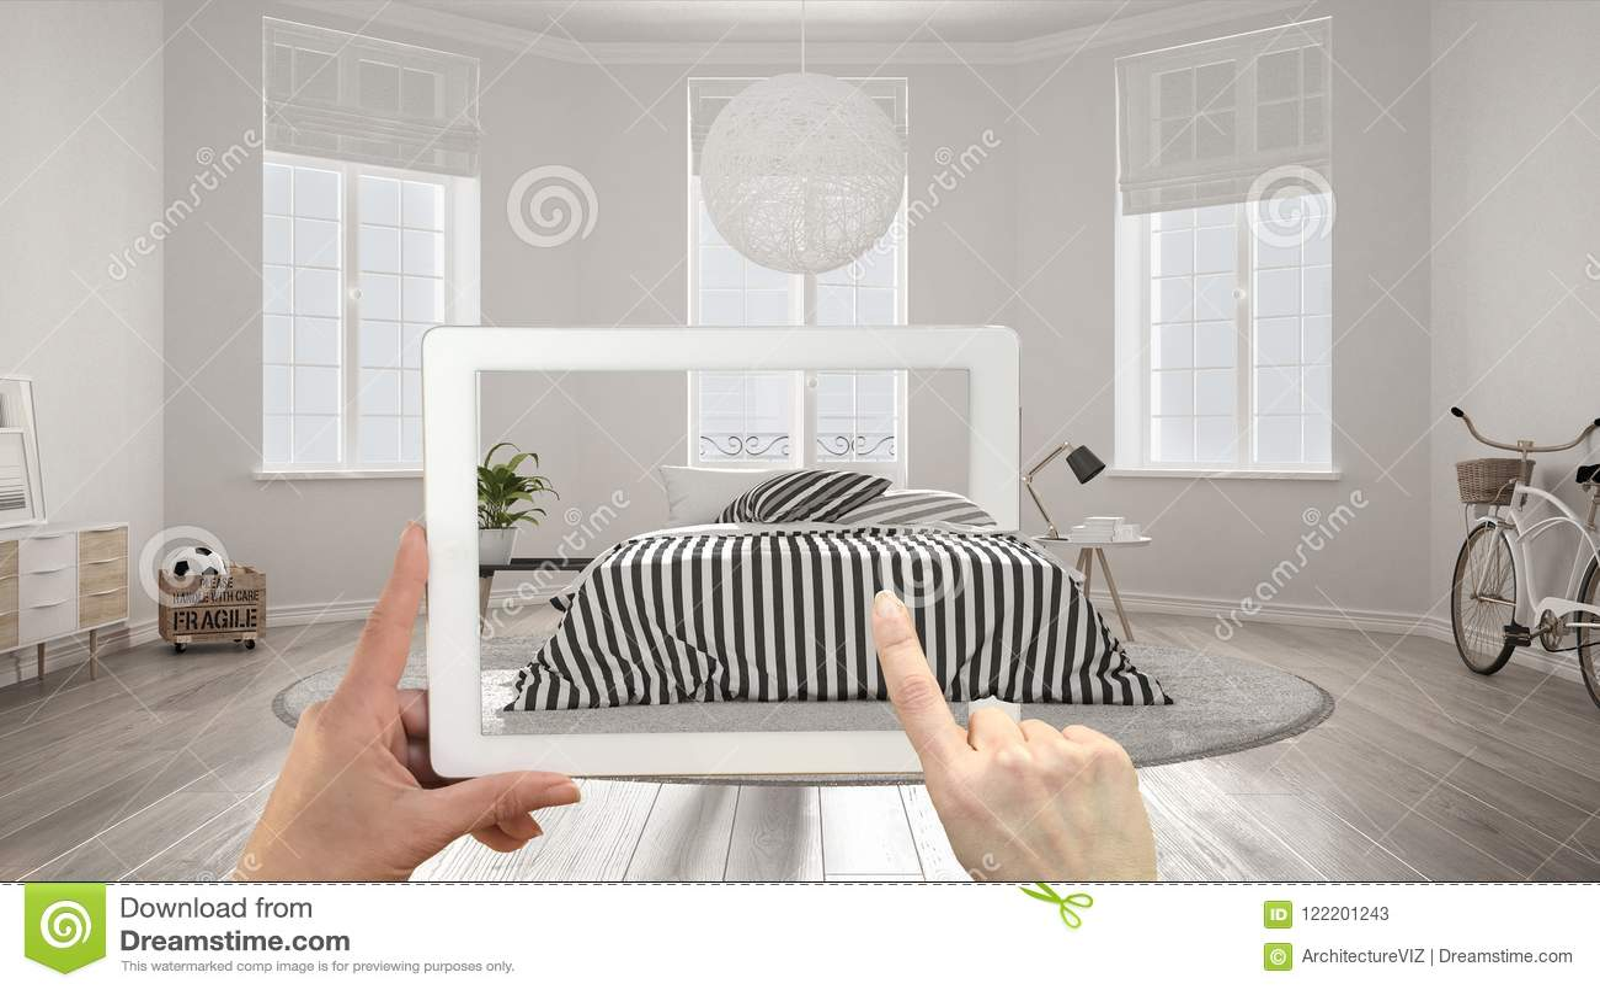 Vergroot werkelijkheidsconcept De tablet van de handholding met de toepassing van AR wordt gebruikt om meubilair en binnenlandse